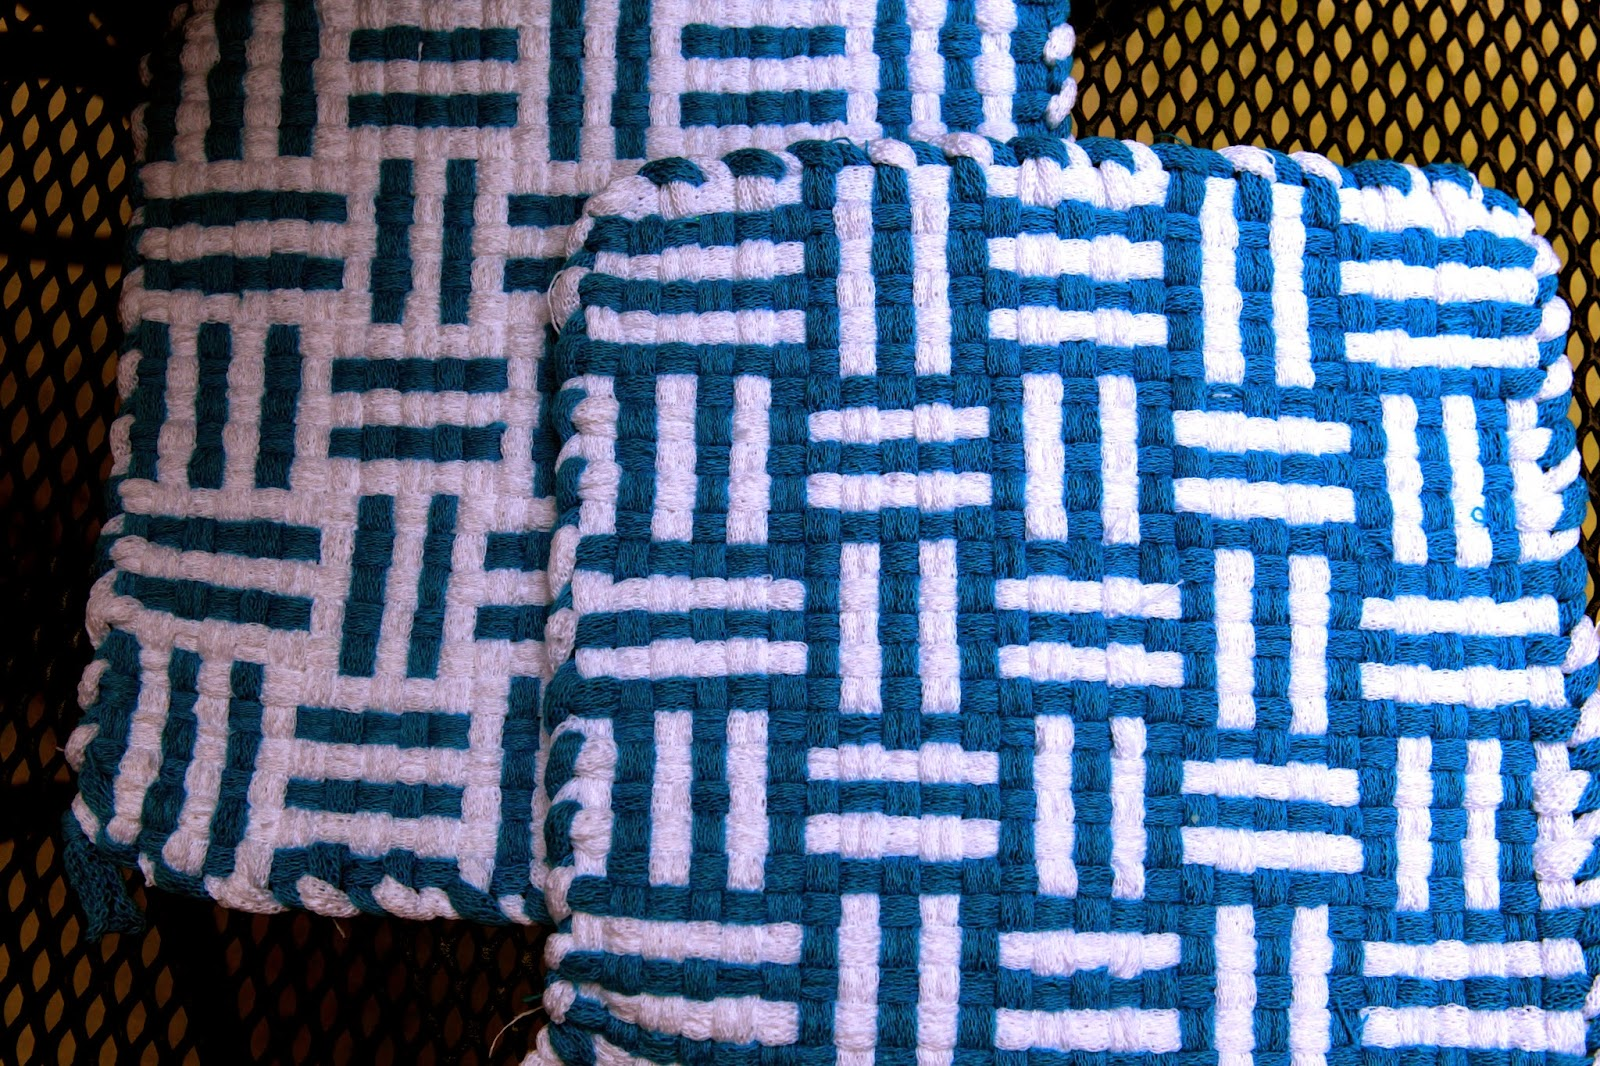 Potholder Loom Patterns Simple Inspiration Design